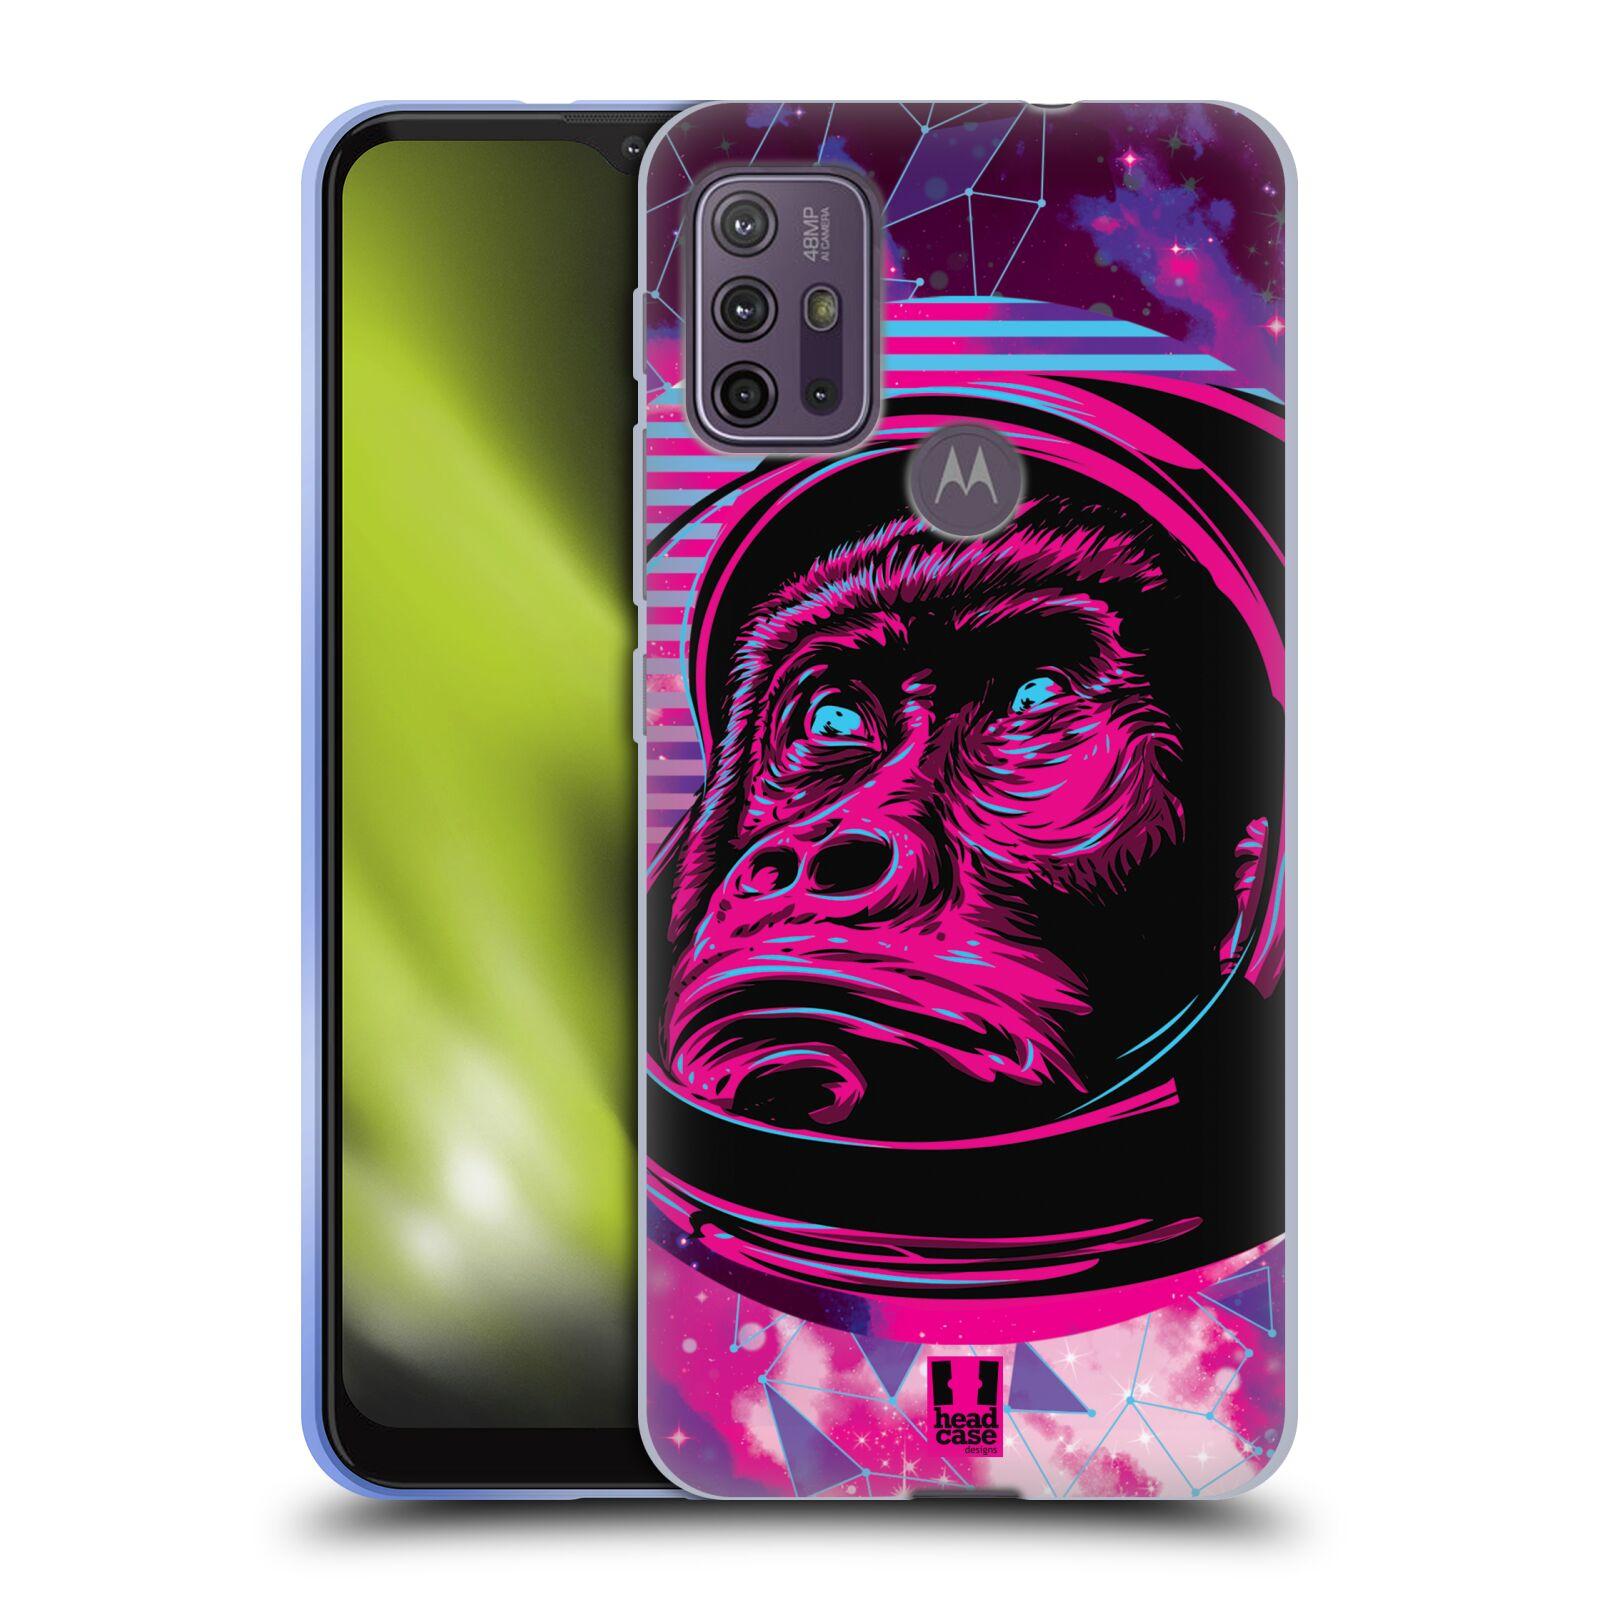 Silikonové pouzdro na mobil Motorola Moto G10 / G30 - Head Case - Gorila ve skafandru